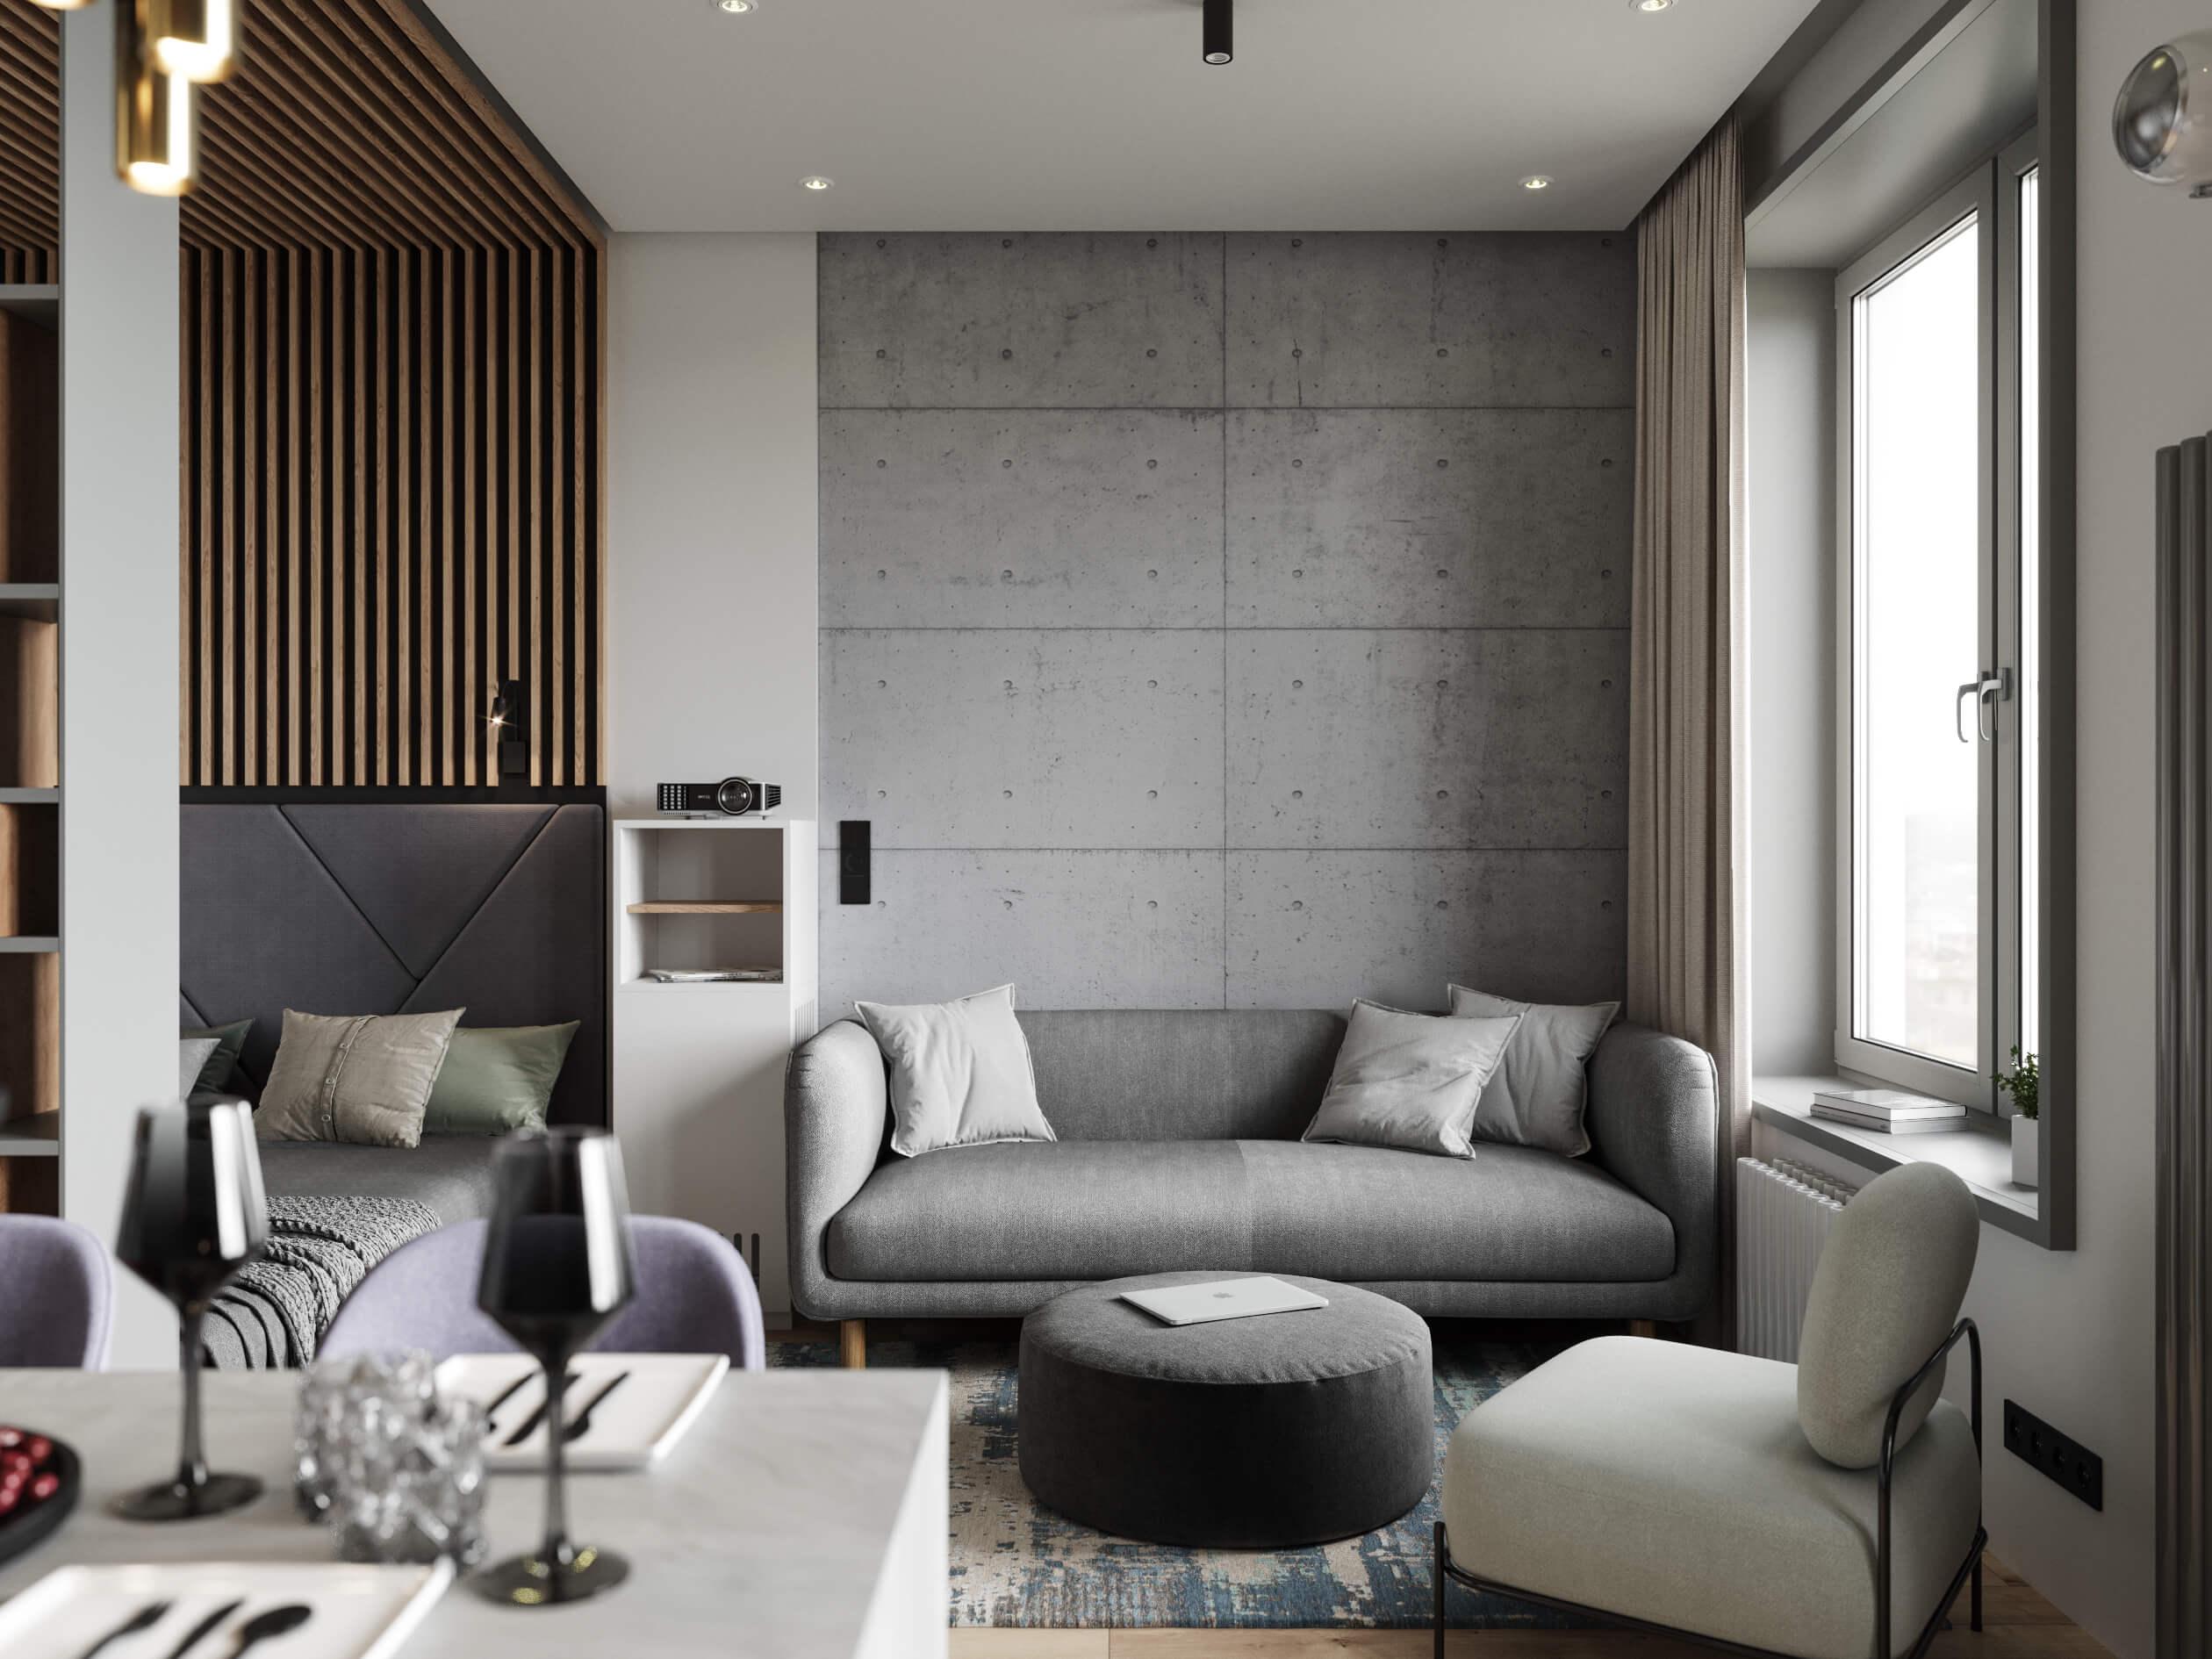 Апартаменты дизайн интерьера